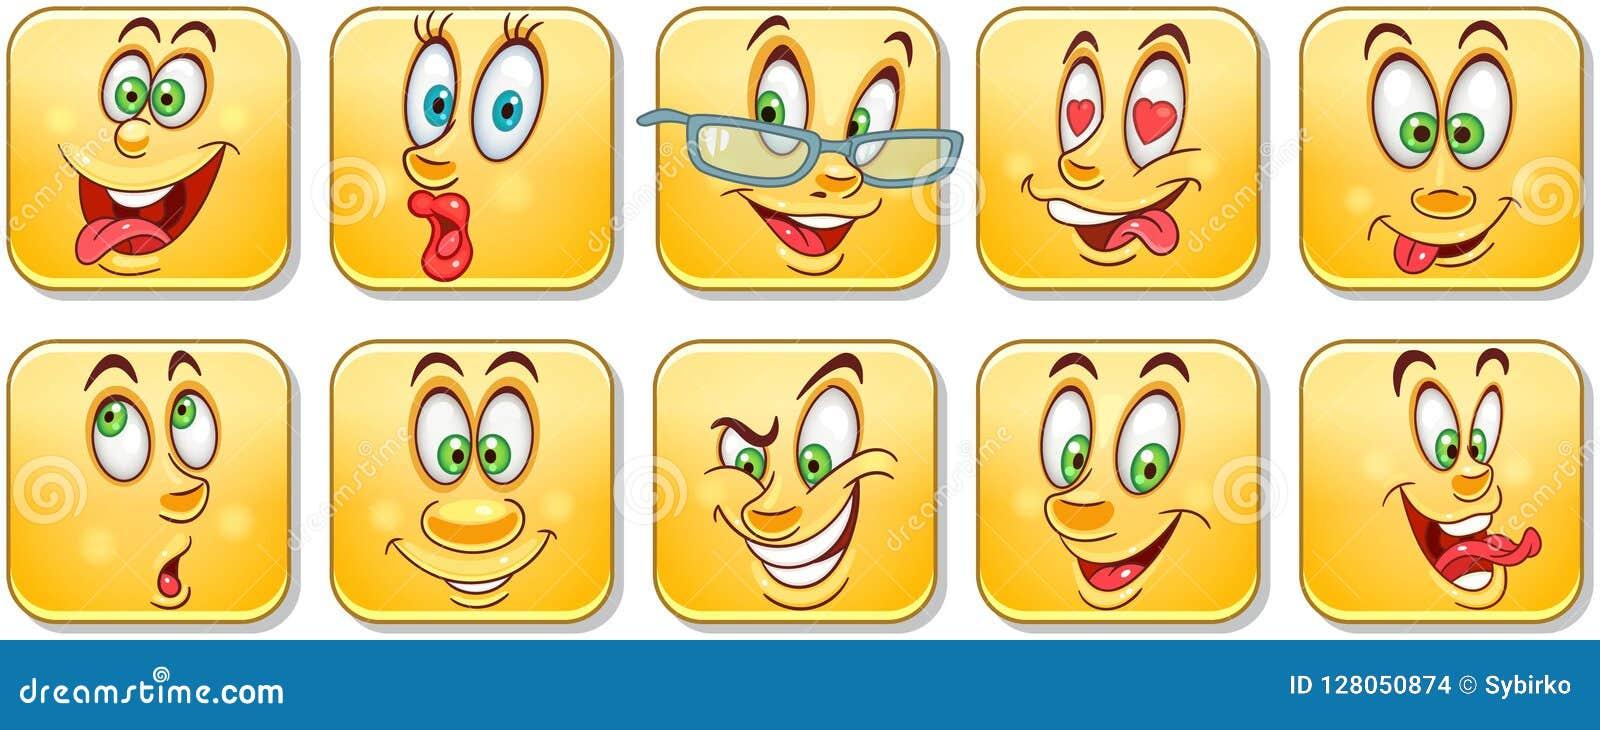 Le Dessin Animé Fait Face Au Ramassage émoticônes Smiley